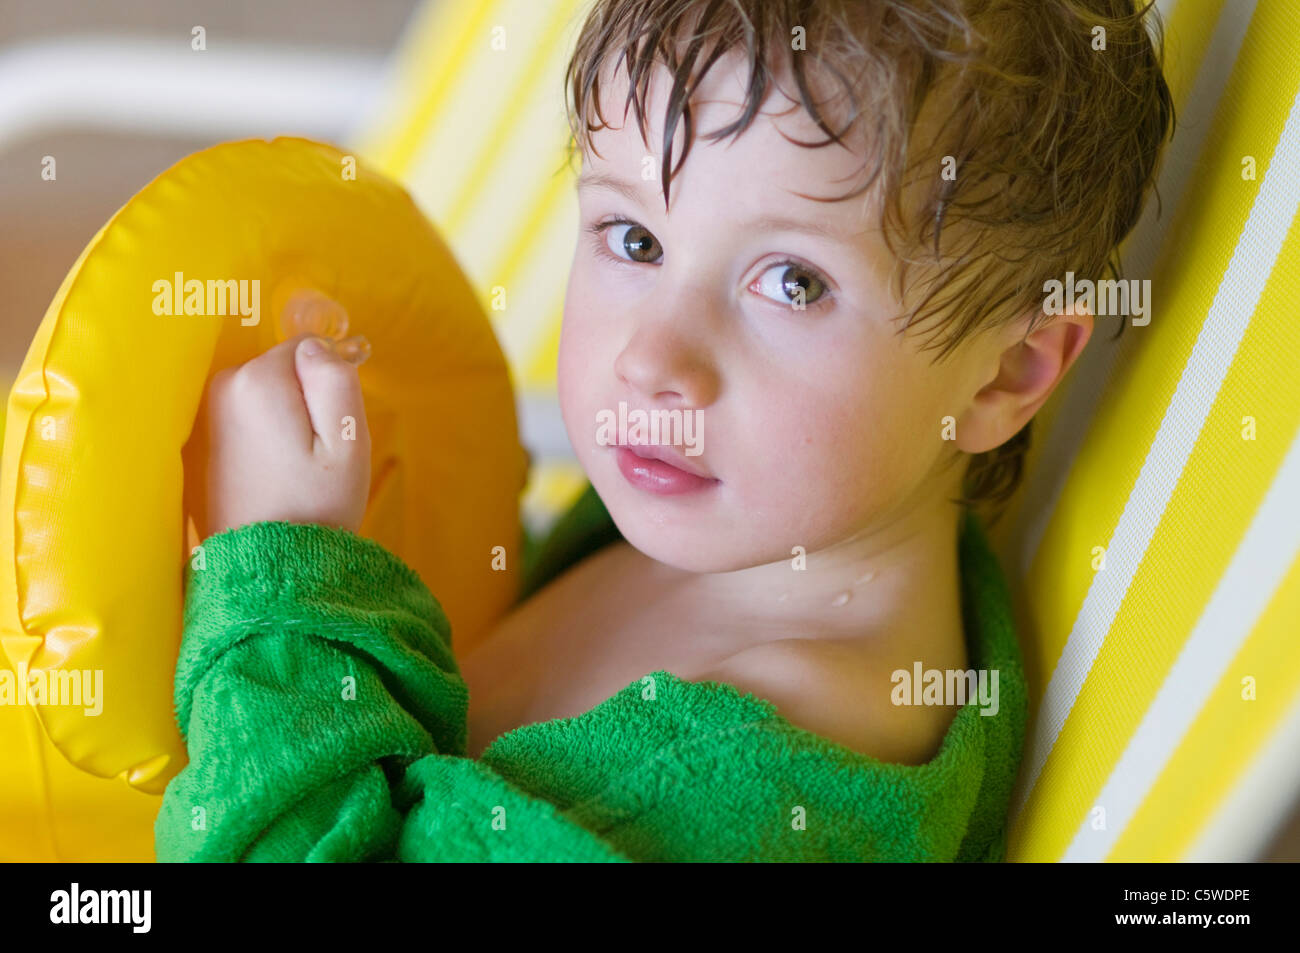 Alemania, de Baden-Württemberg, Boy (4-5) sentado en una silla en la piscina cubierta, Retrato Imagen De Stock